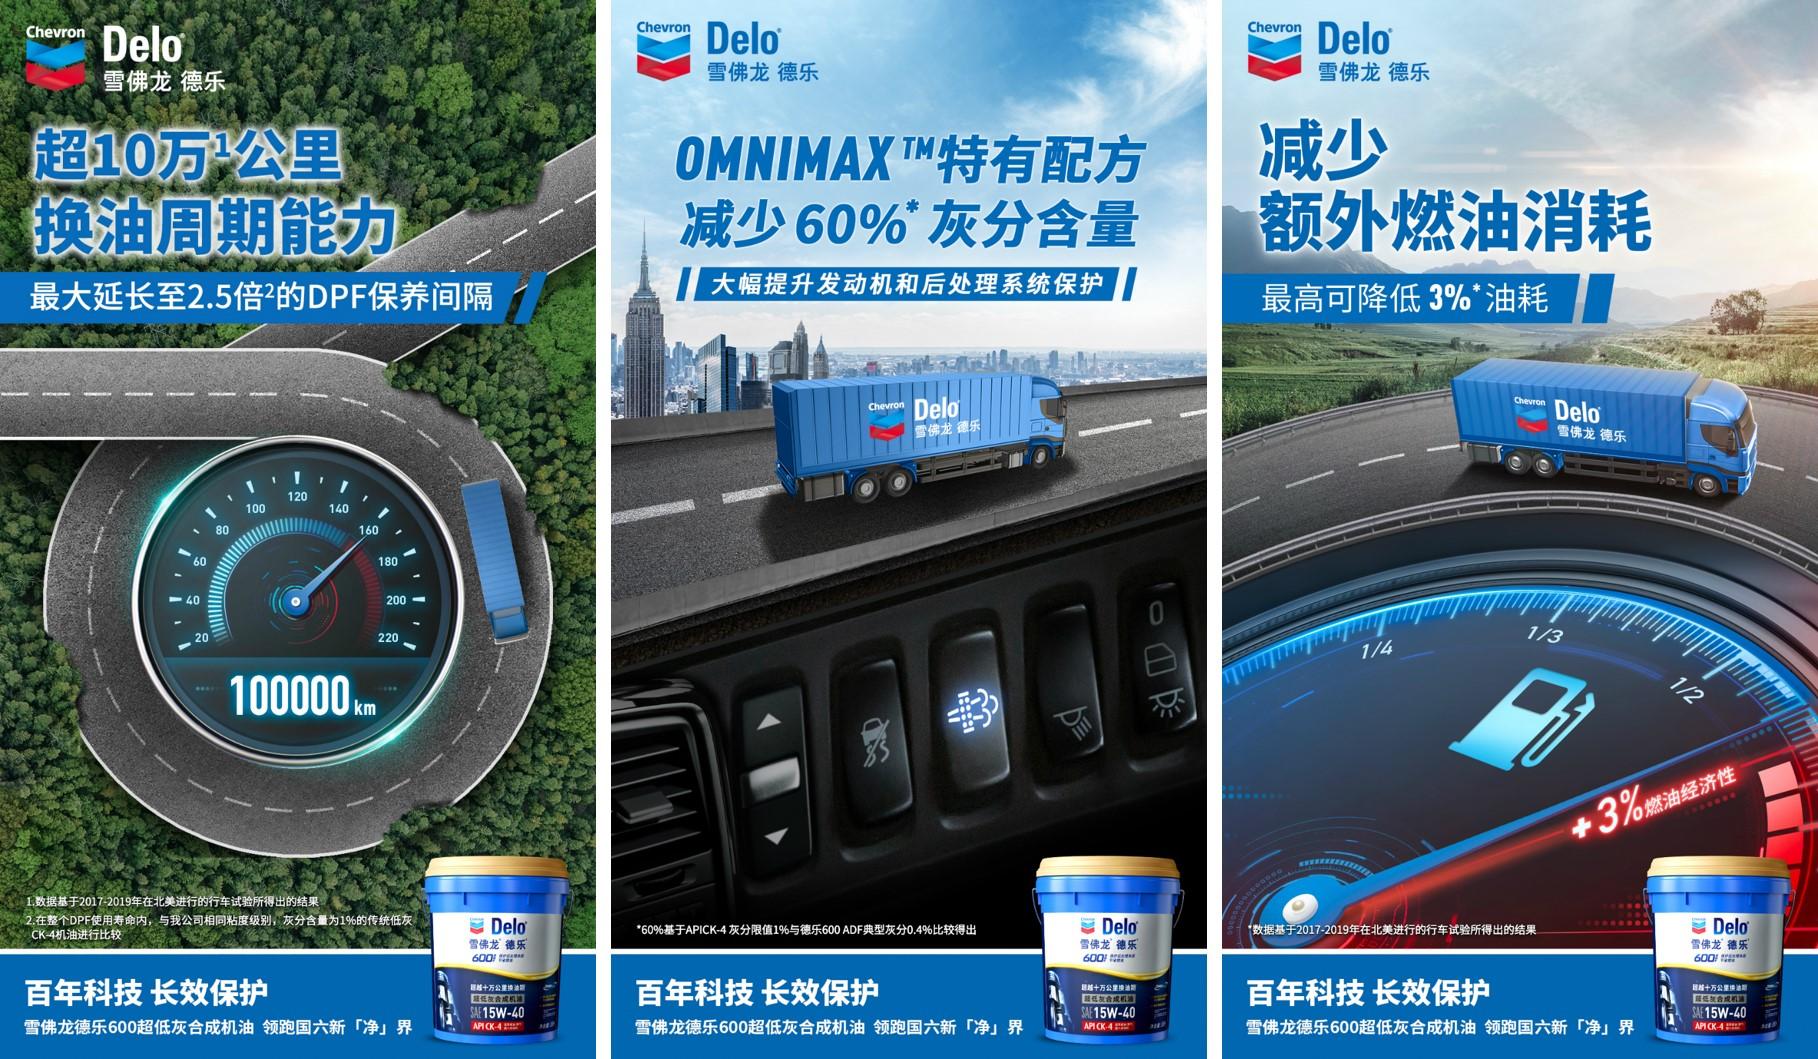 """雪佛龙德乐600超低灰合成机油全新上市,迈进""""国六""""时代!"""